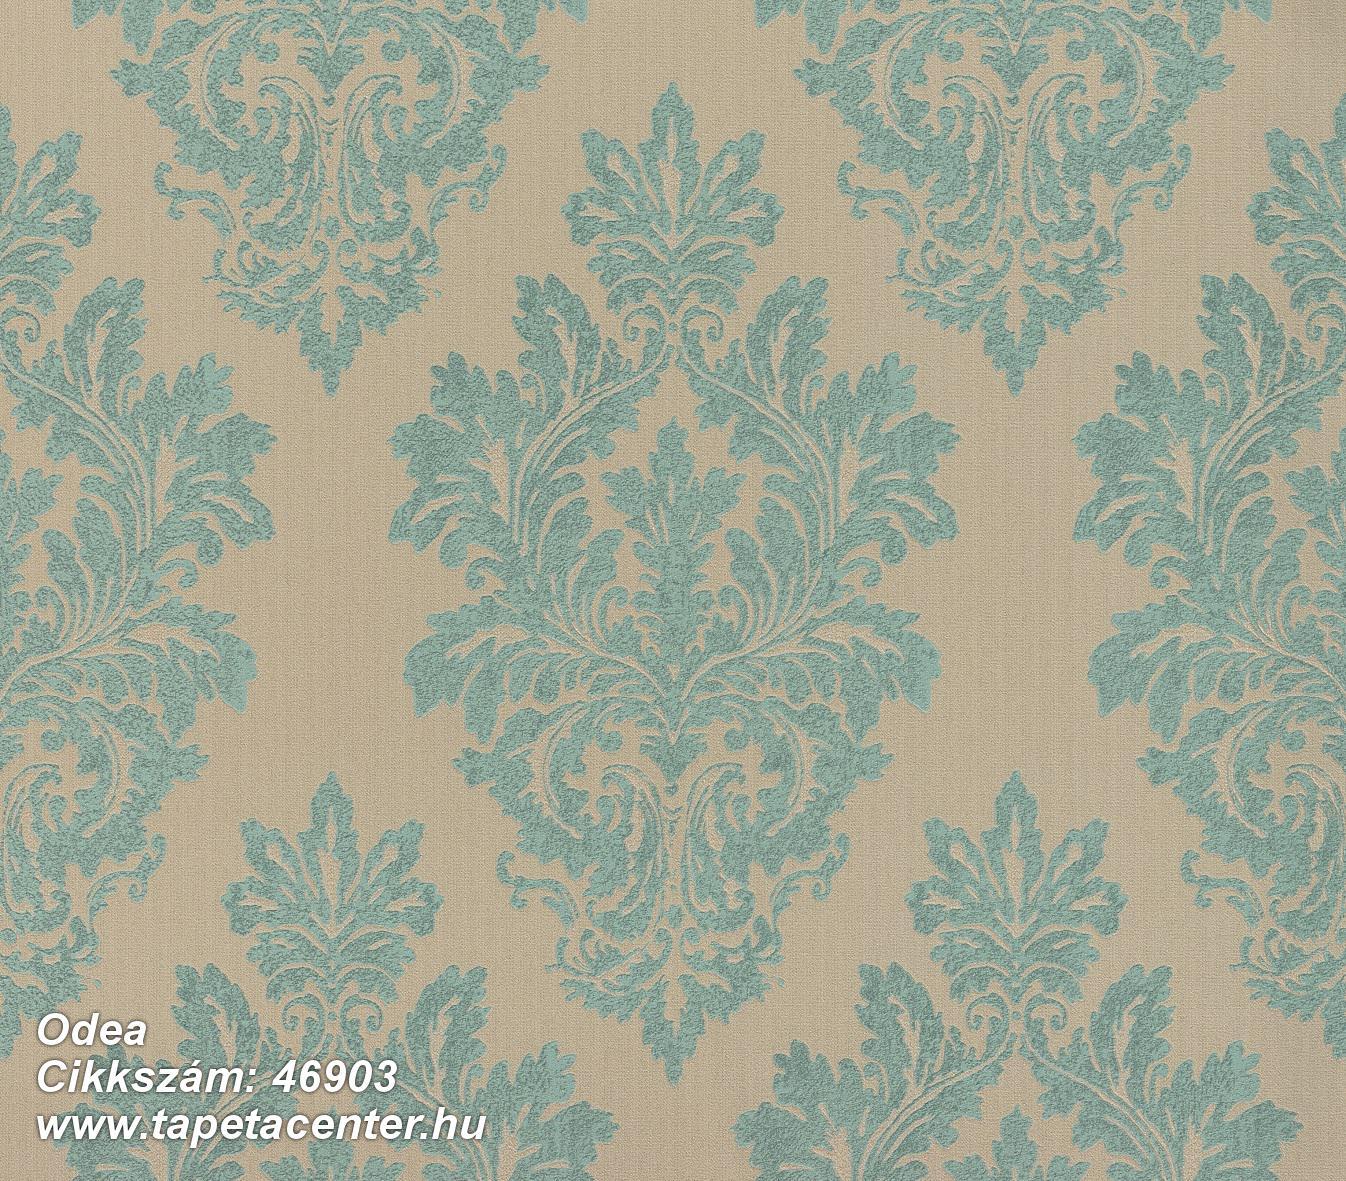 Odea - 46903 Olasz tapéta